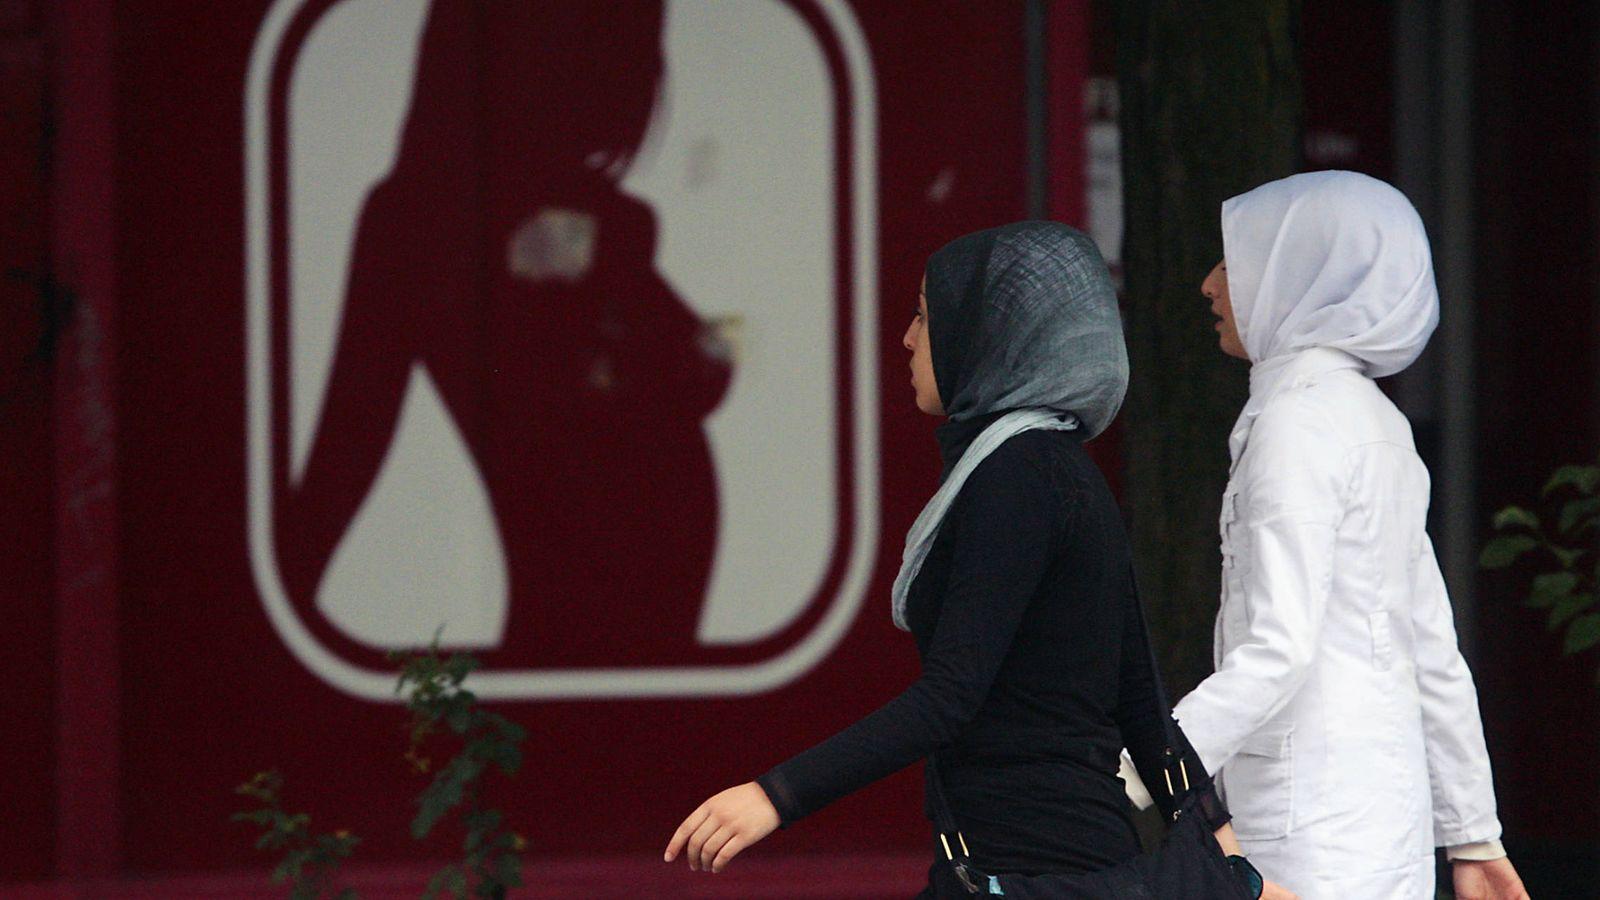 Mujeres Musulmanas Desnudas sexo: el orgasmo no es un complot de occidente: islam y sexo